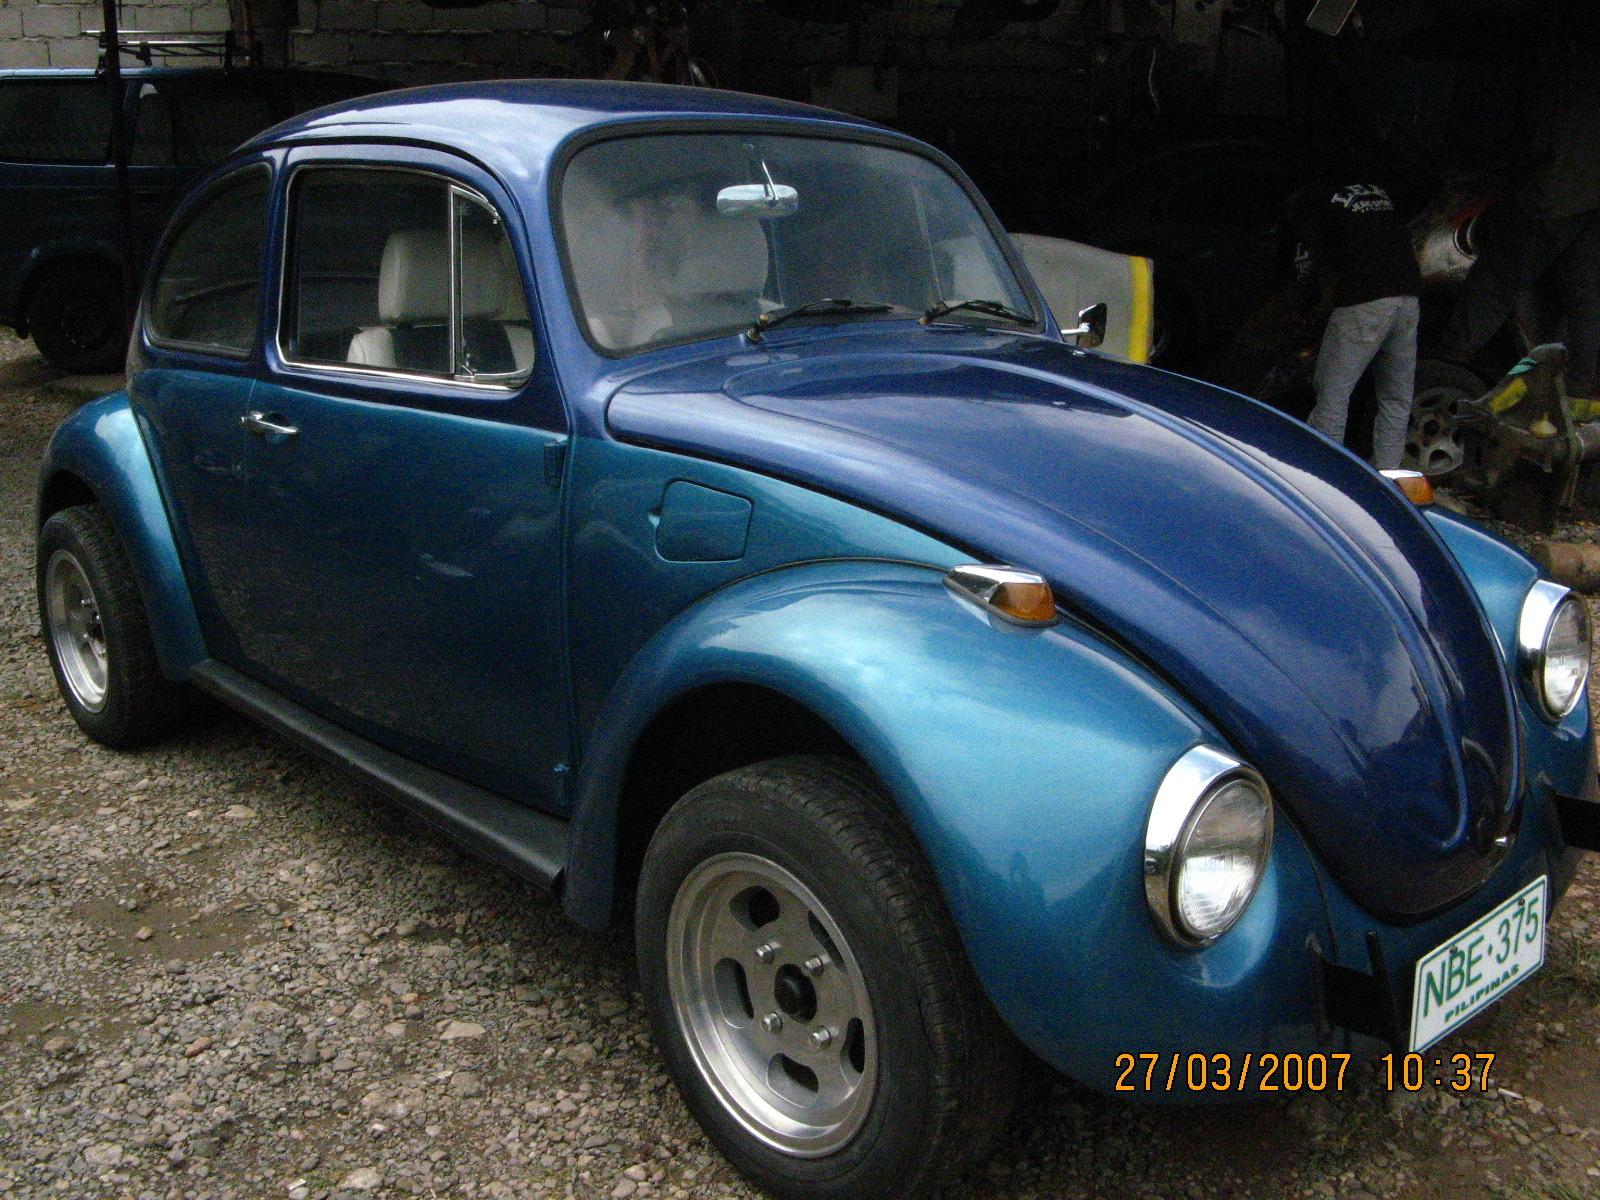 1968 Volkswagen Beetle - Overview - CarGurus